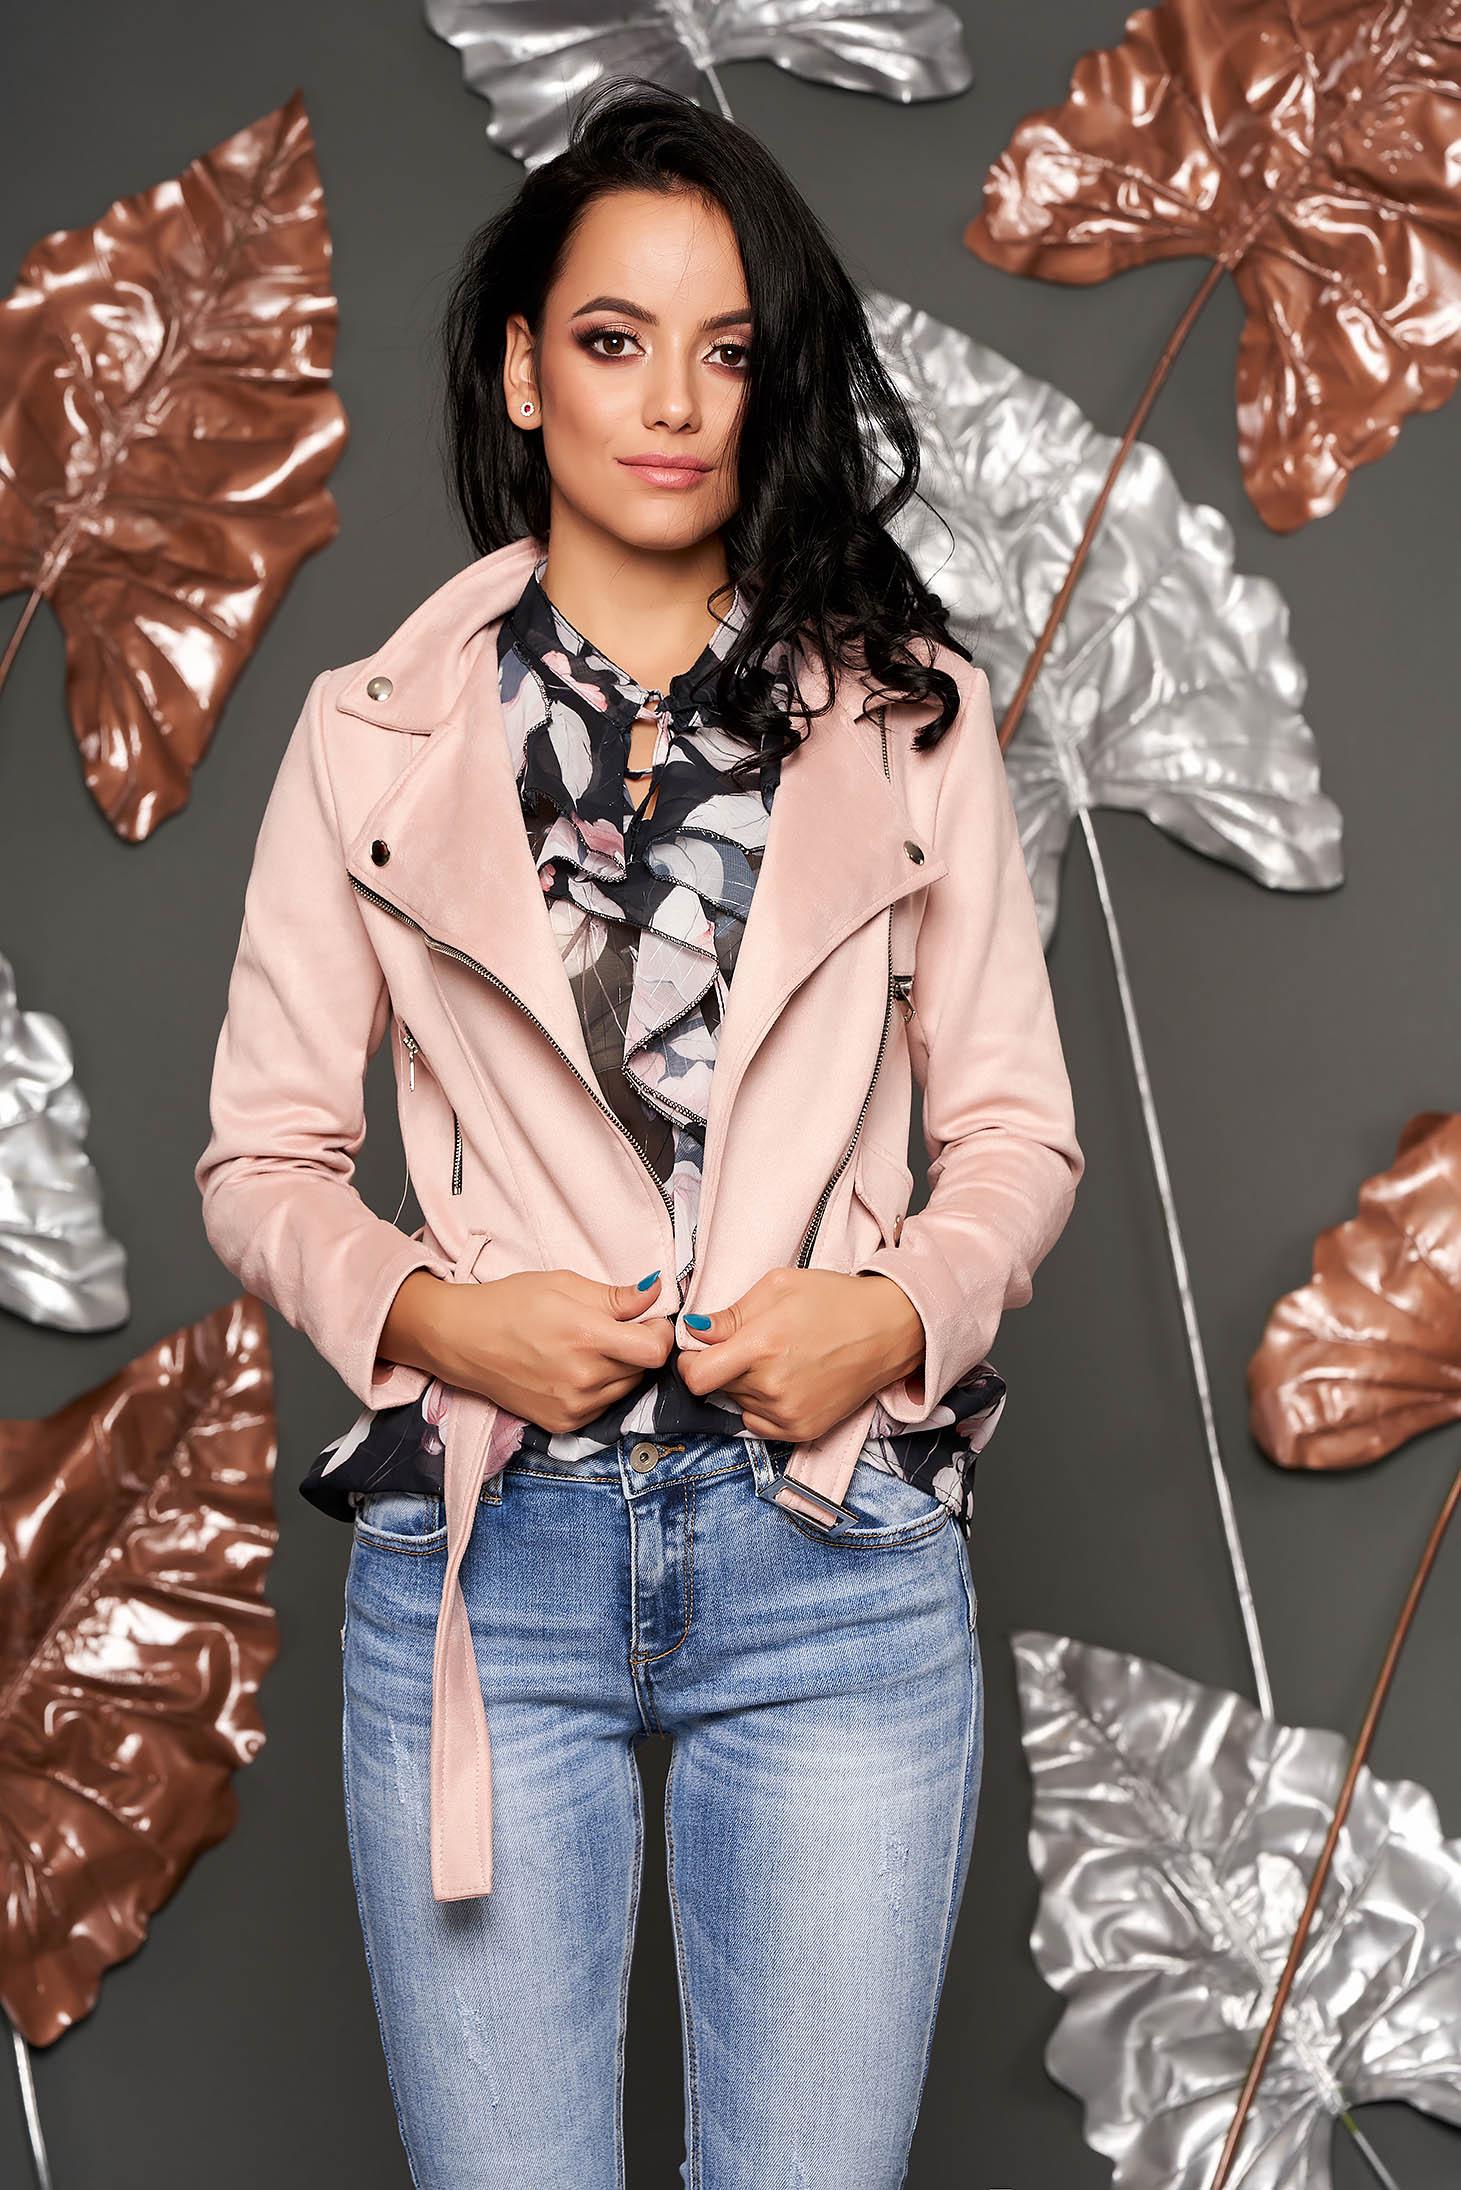 Geaca SunShine roz prafuit casual scurta din imitatie de piele cu buzunare accesorizata cu o catarama metalica